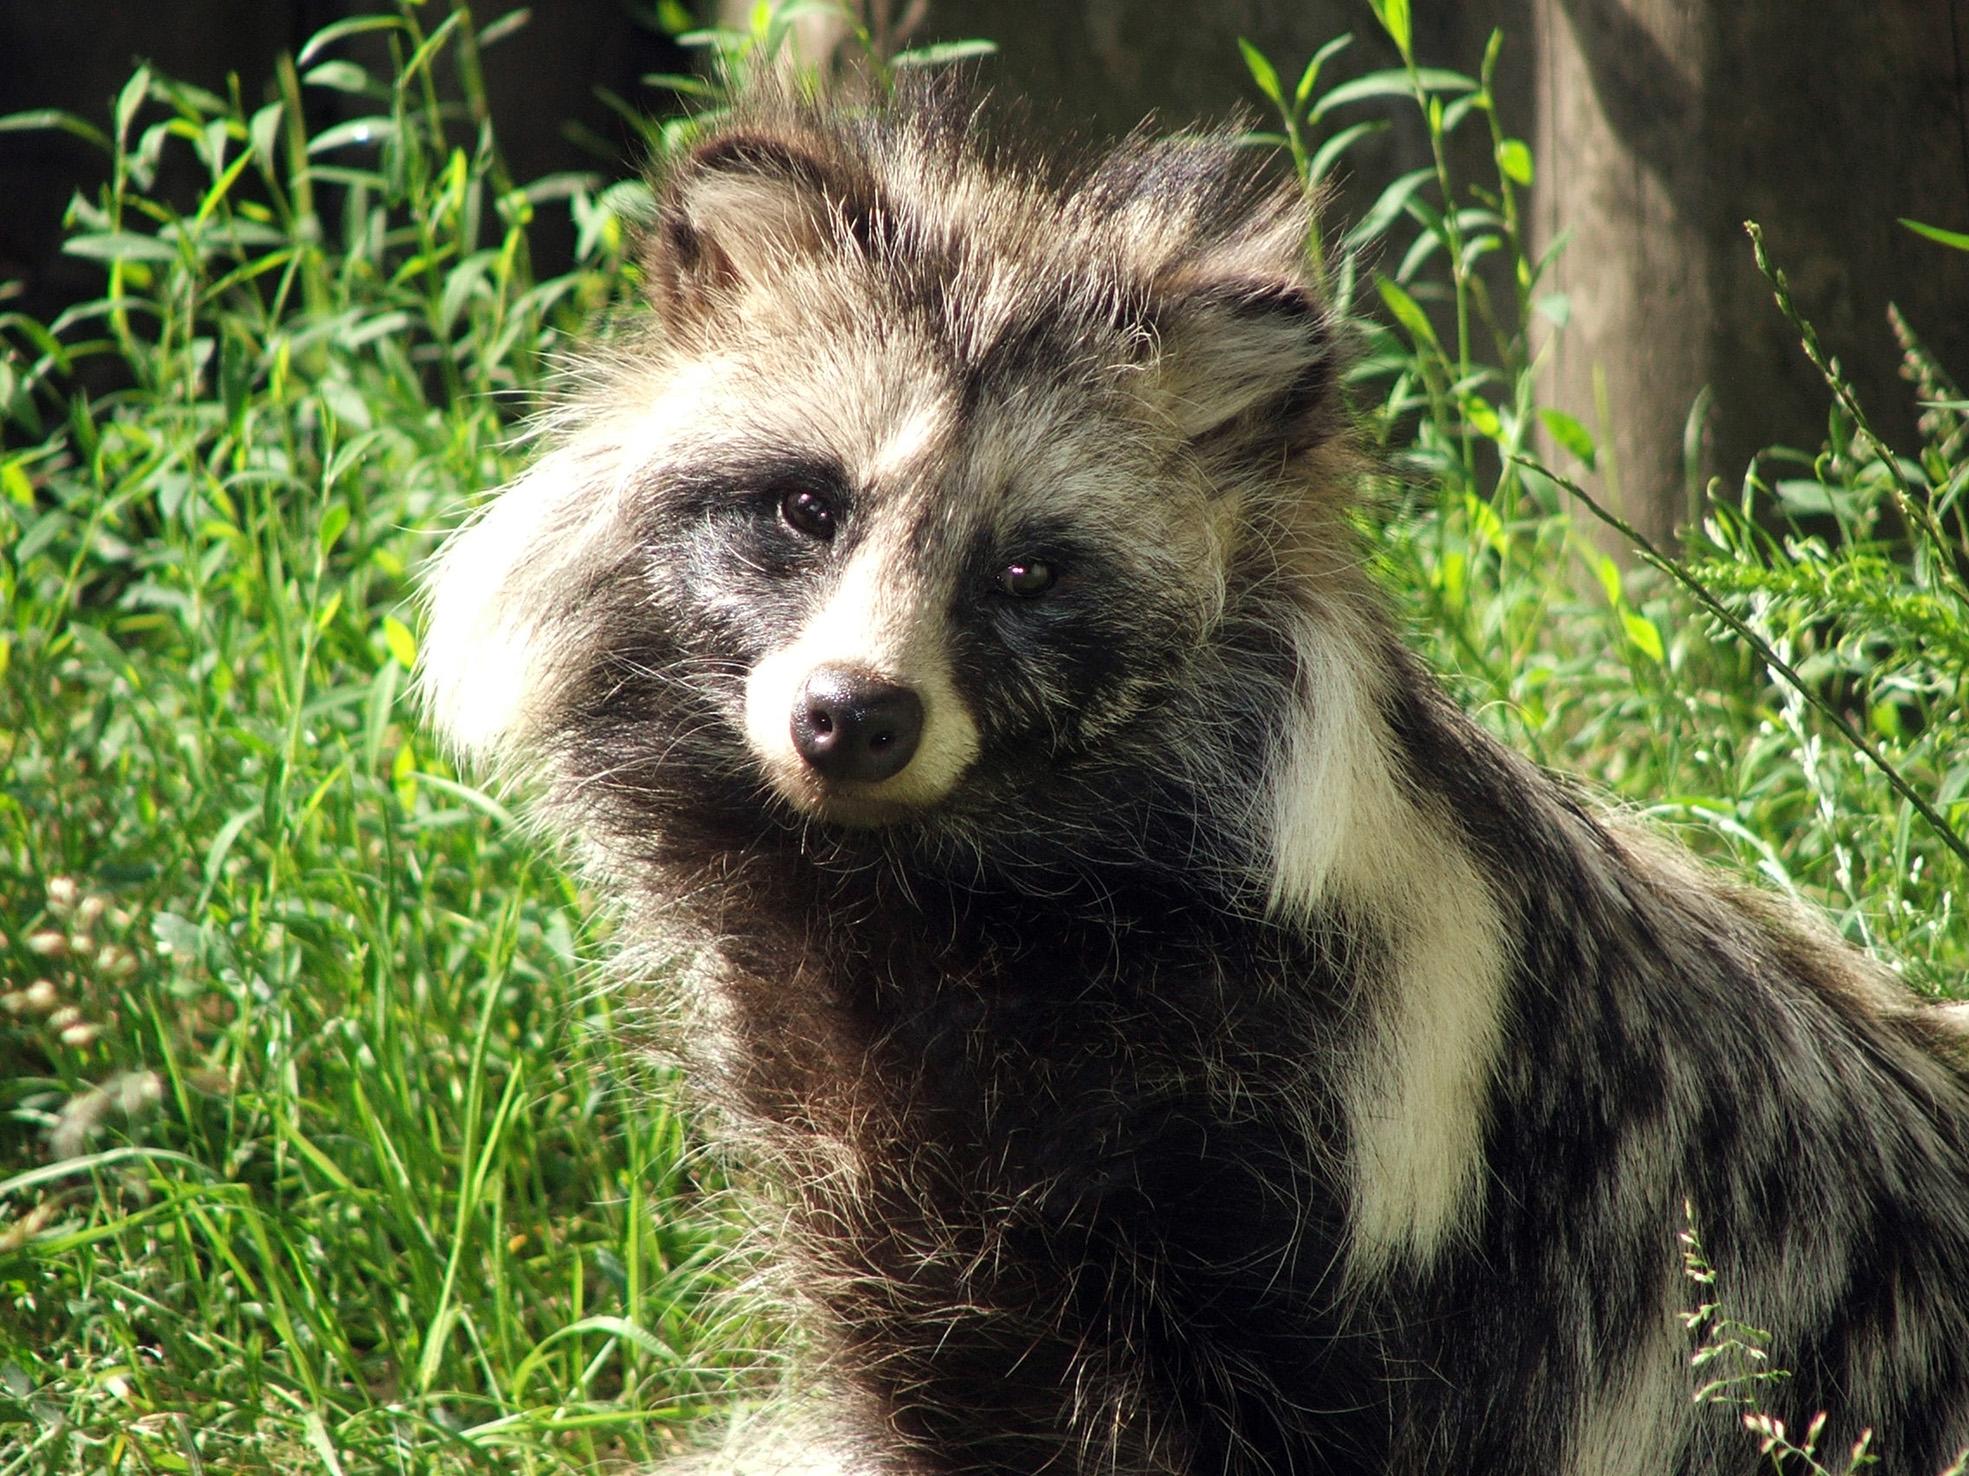 Mårdhund Foto: Piotr Kuczynski, Wikimedia Commons